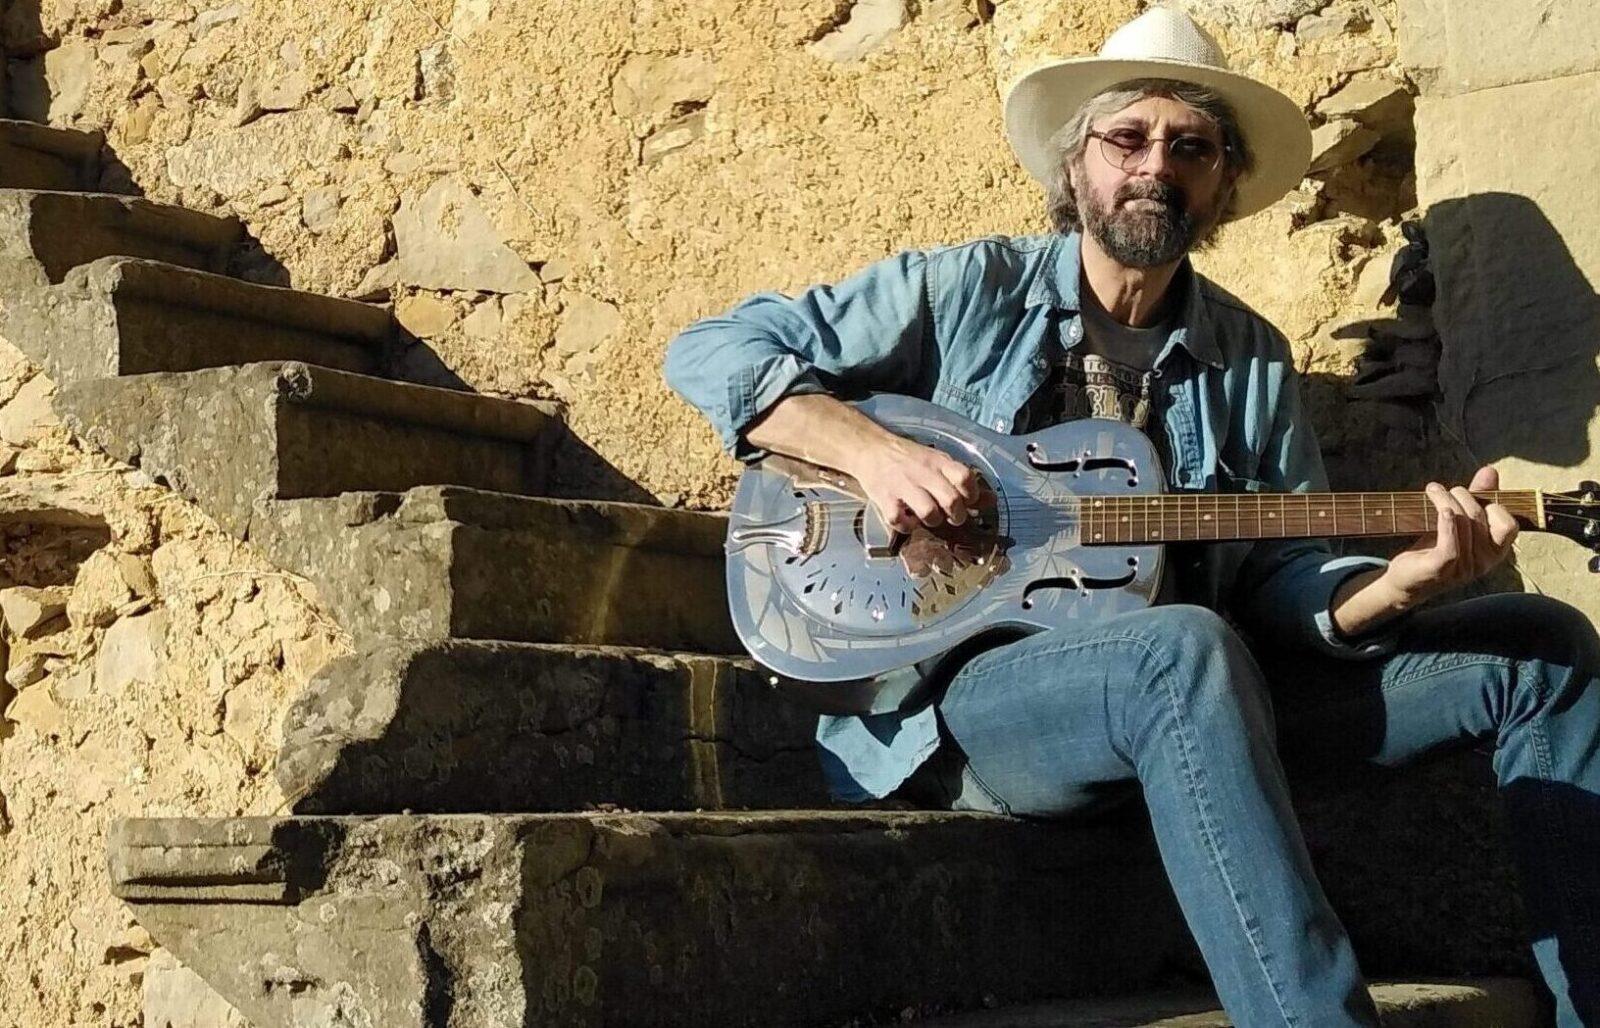 Max Garrubba e la sua musica blues: il video con l'intervista